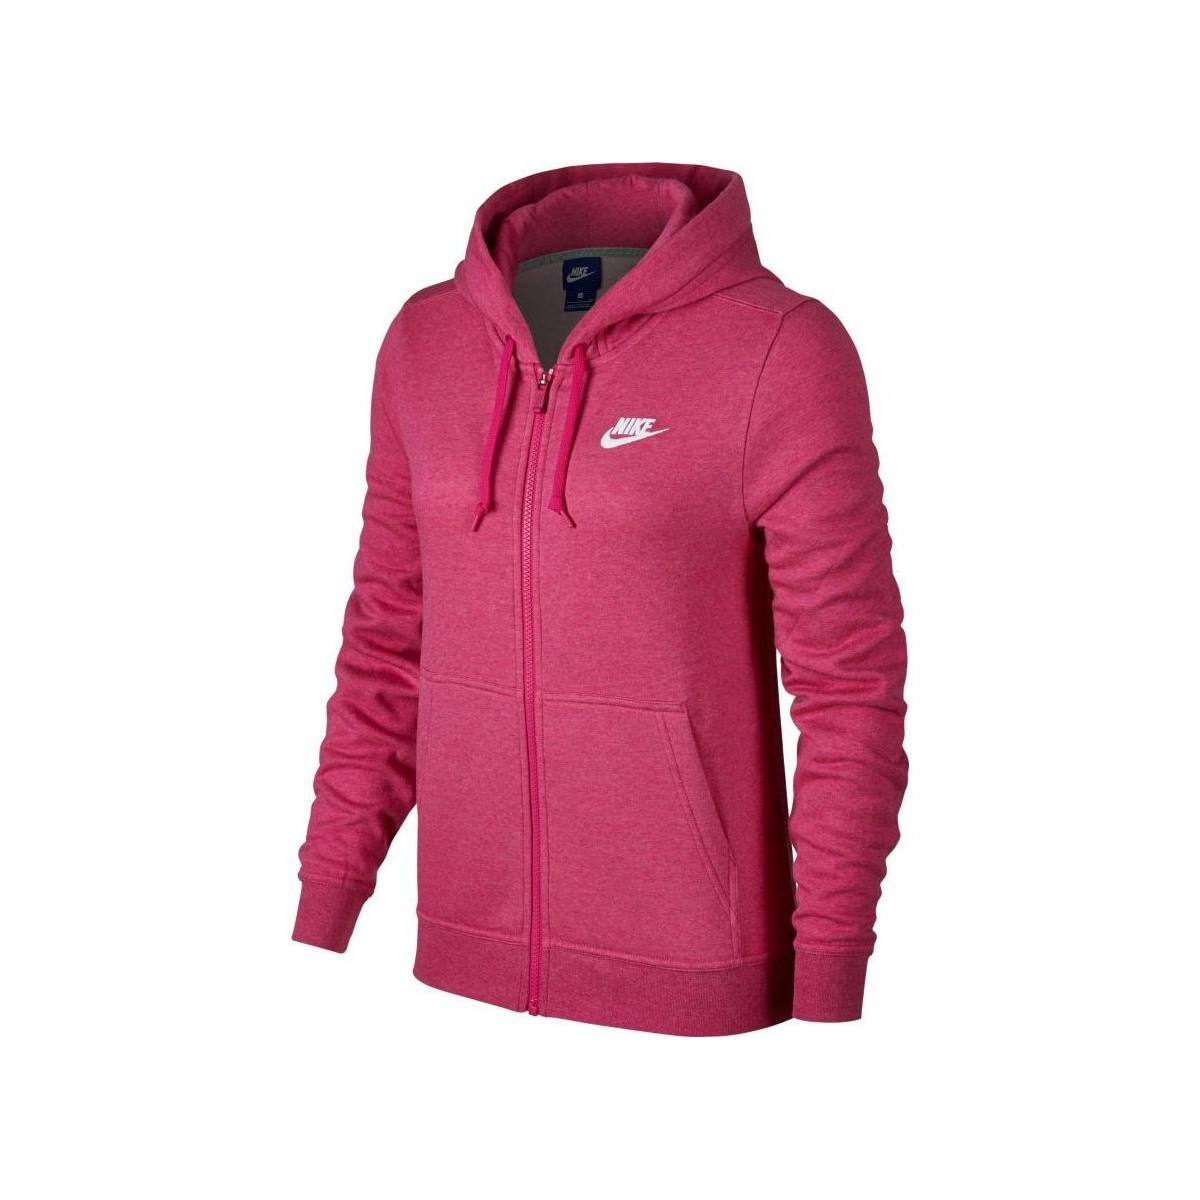 83ec01866a56 Nike Woman Sportswear Hoodie Women s Sweatshirt In Pink in Pink ...